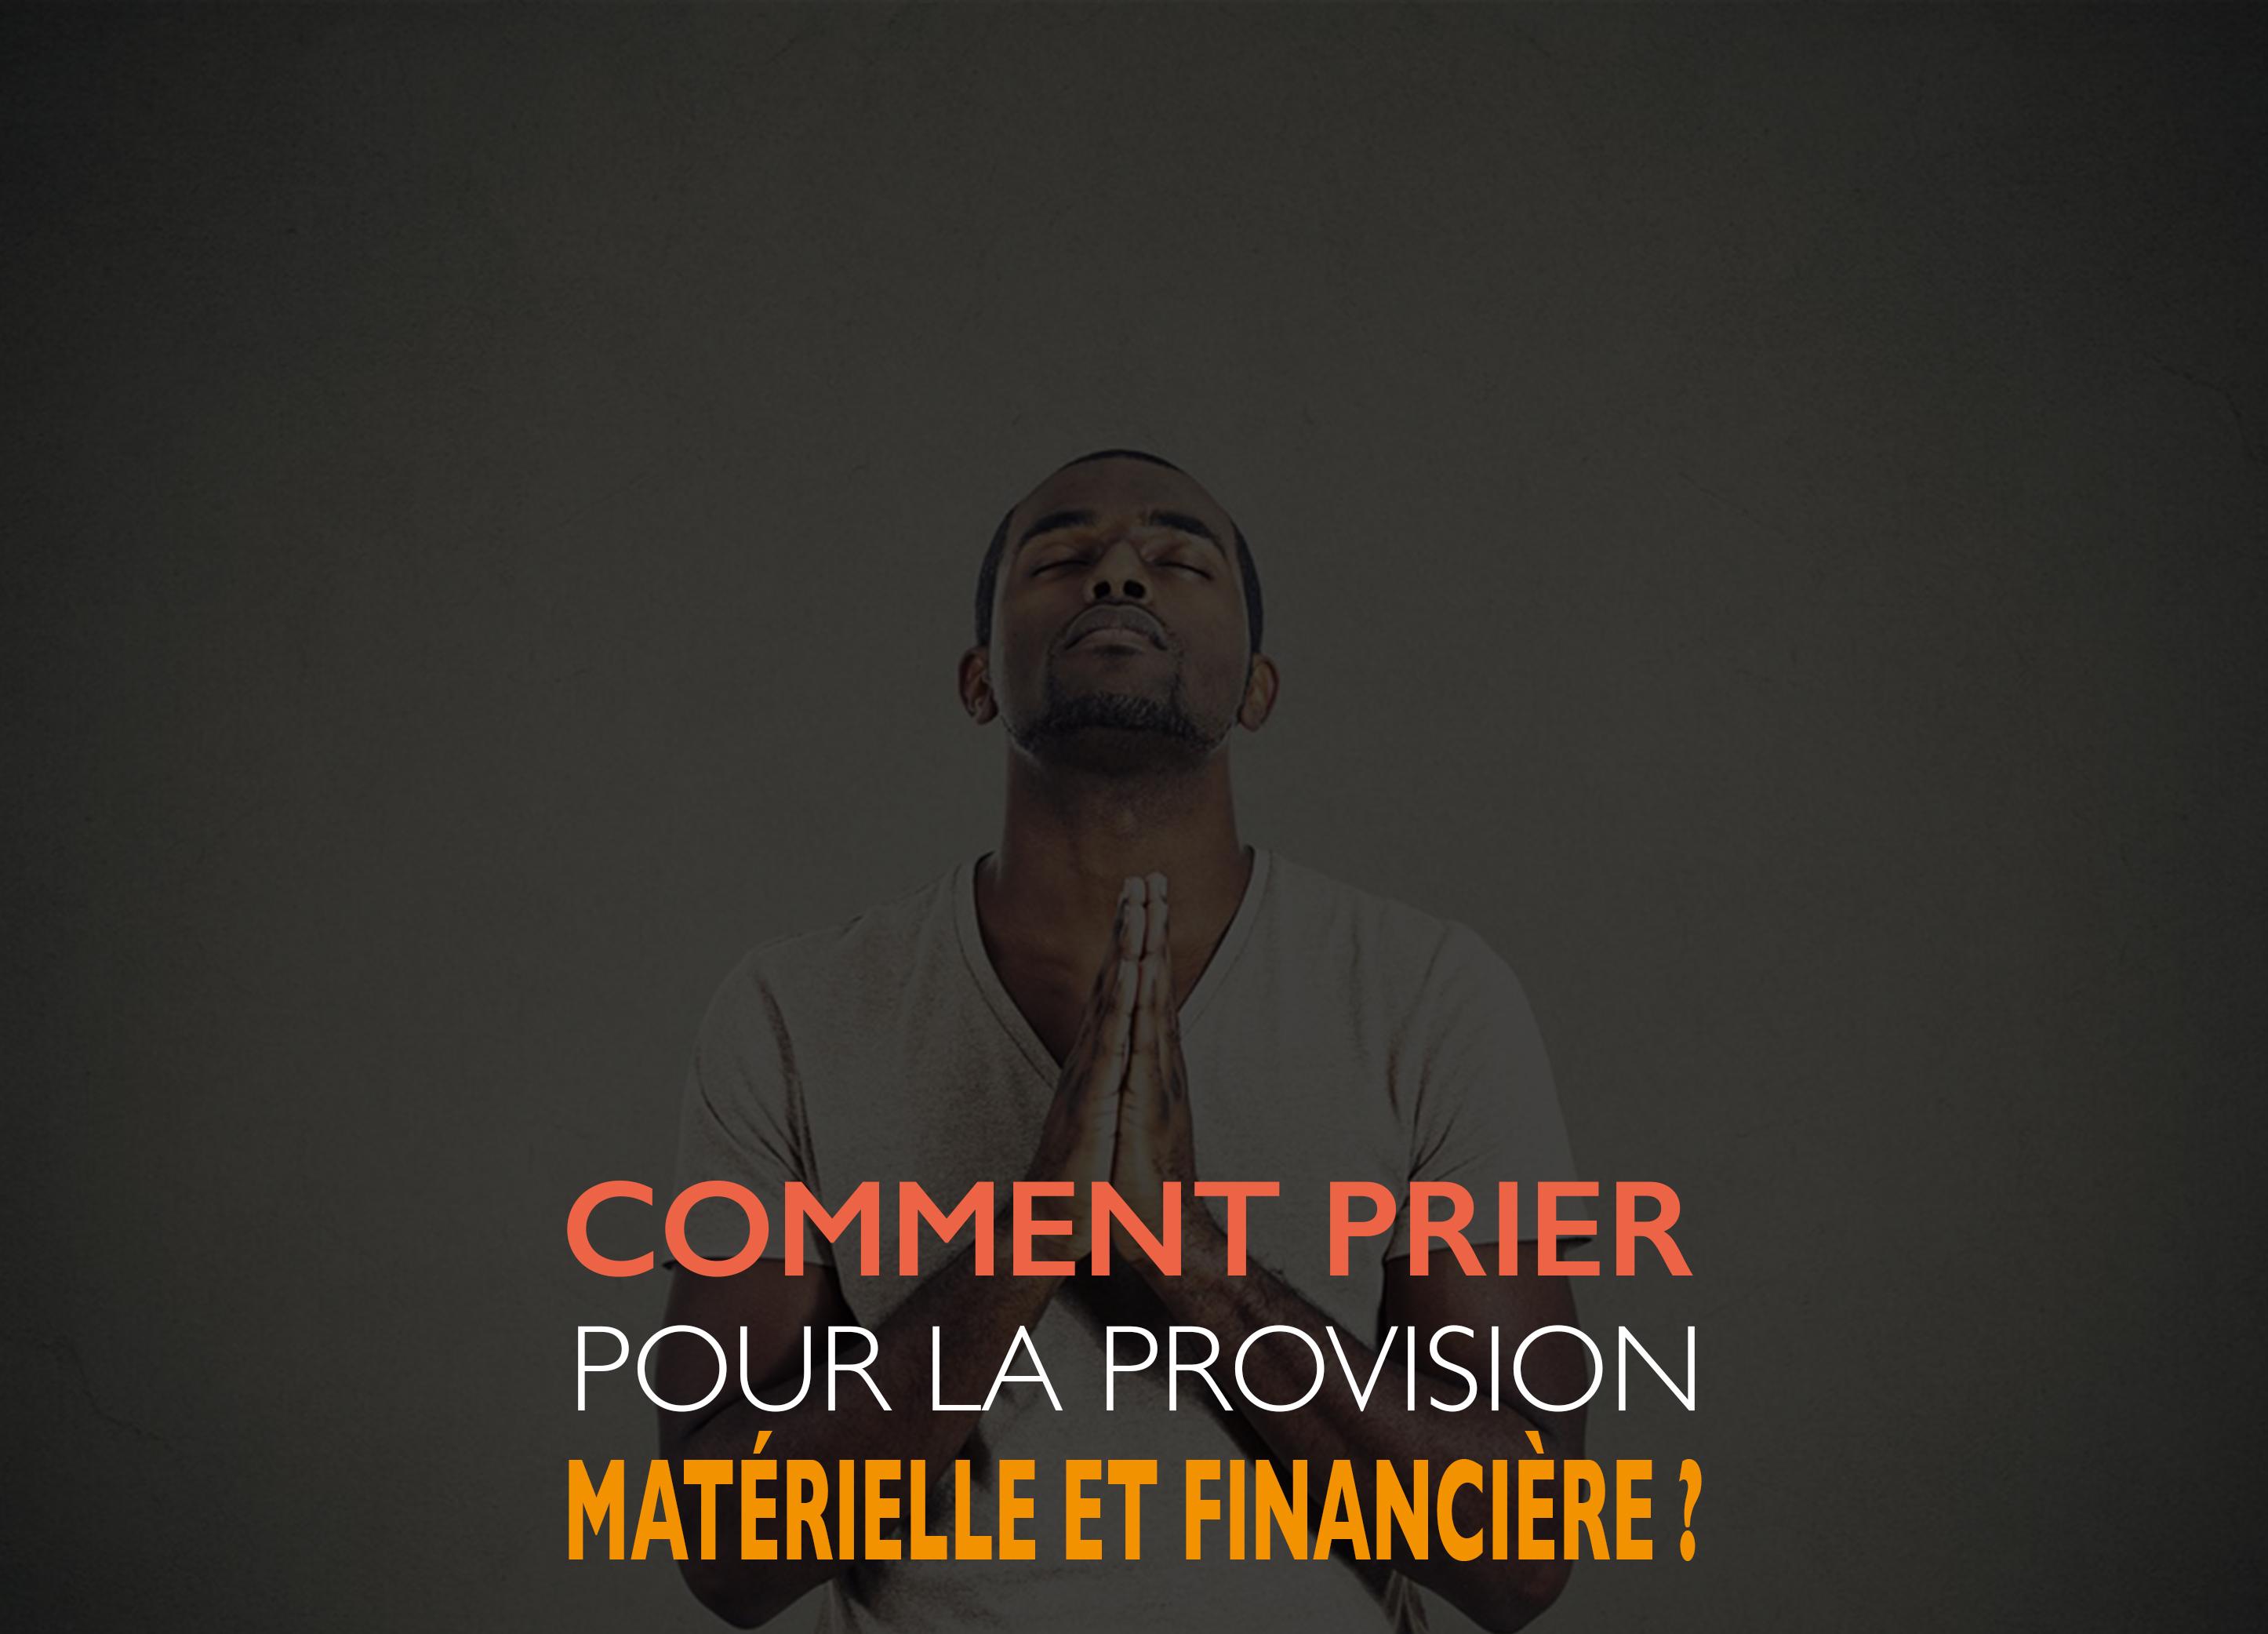 2- Comment prier pour la provision matérielle et financière ?